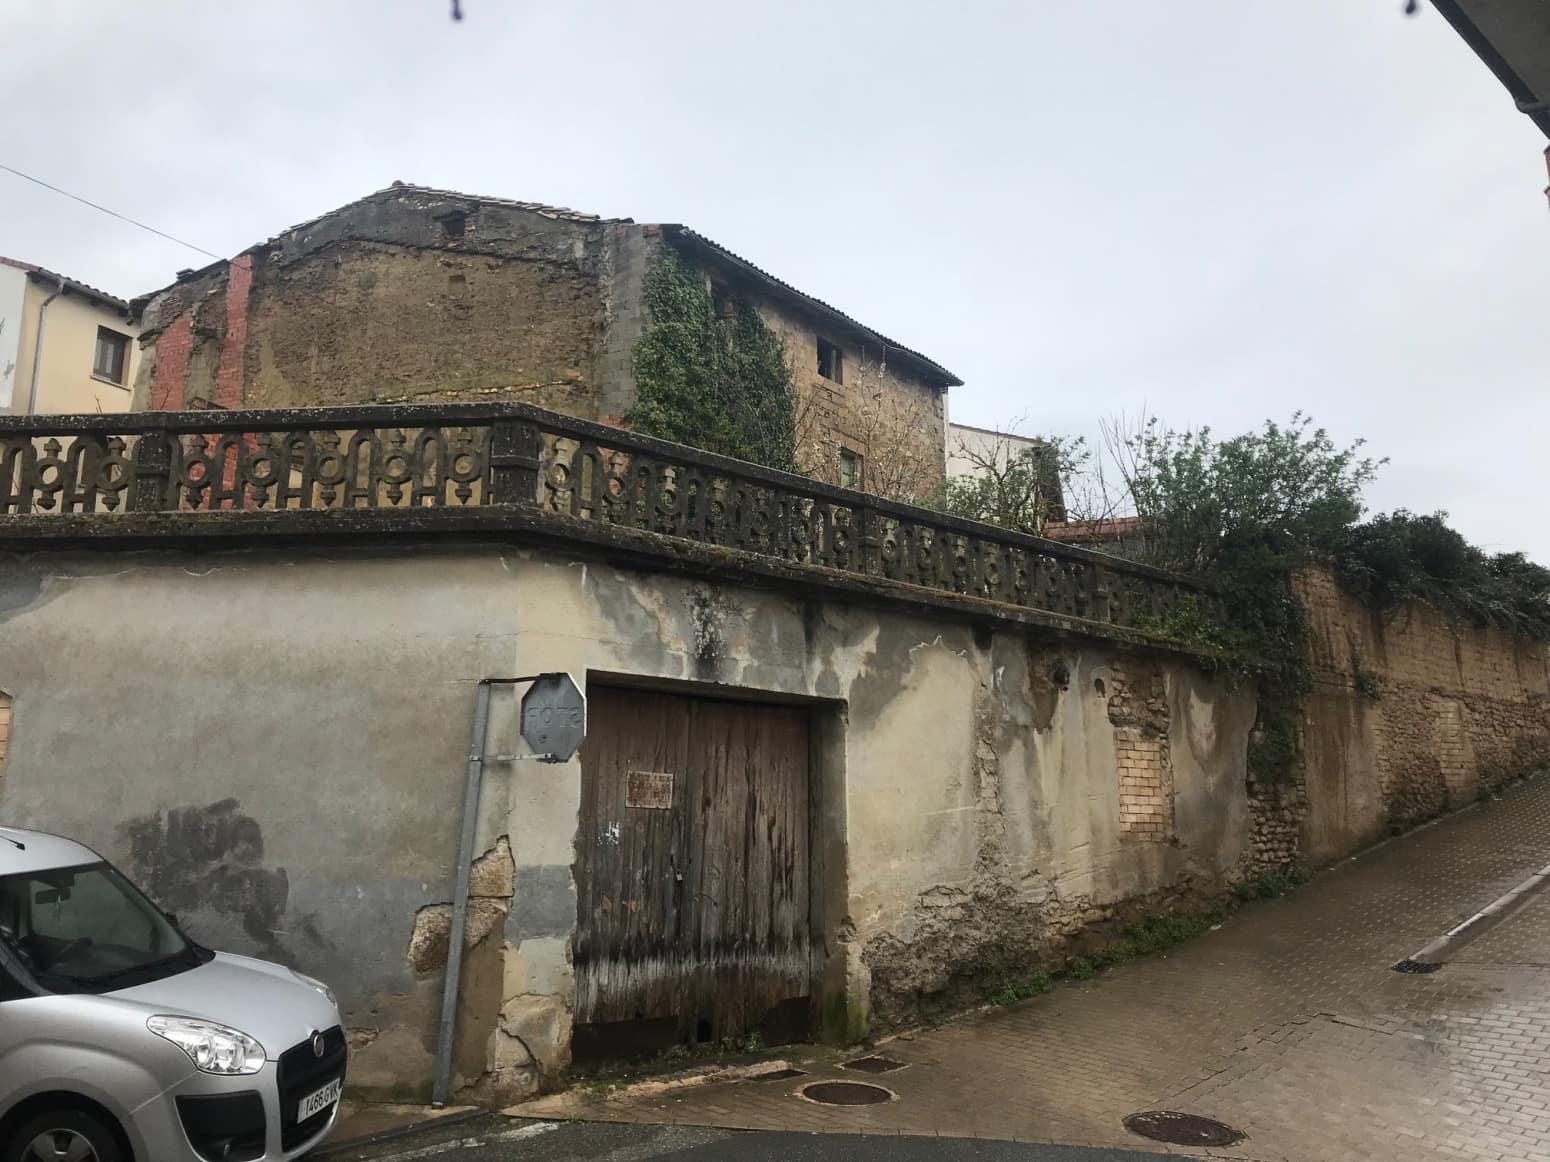 Działka budowlana na sprzedaż w Lumbier - 98 000 € (Ref: 5085384)